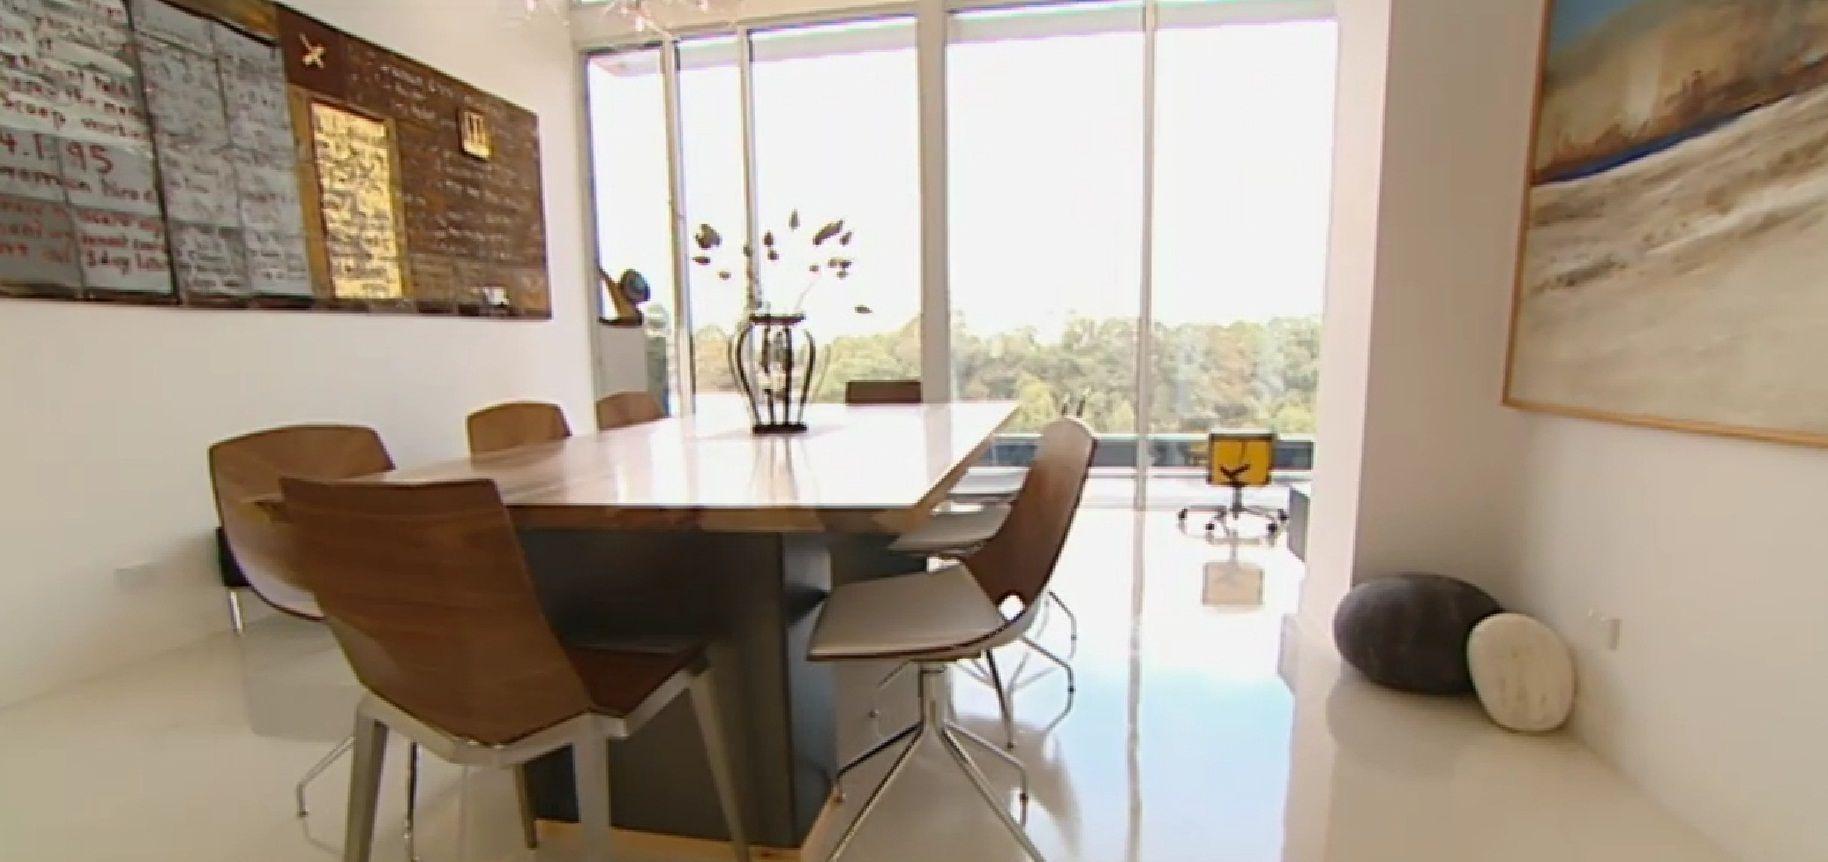 Grand Designs Australia White resin floor. 5 Flooring